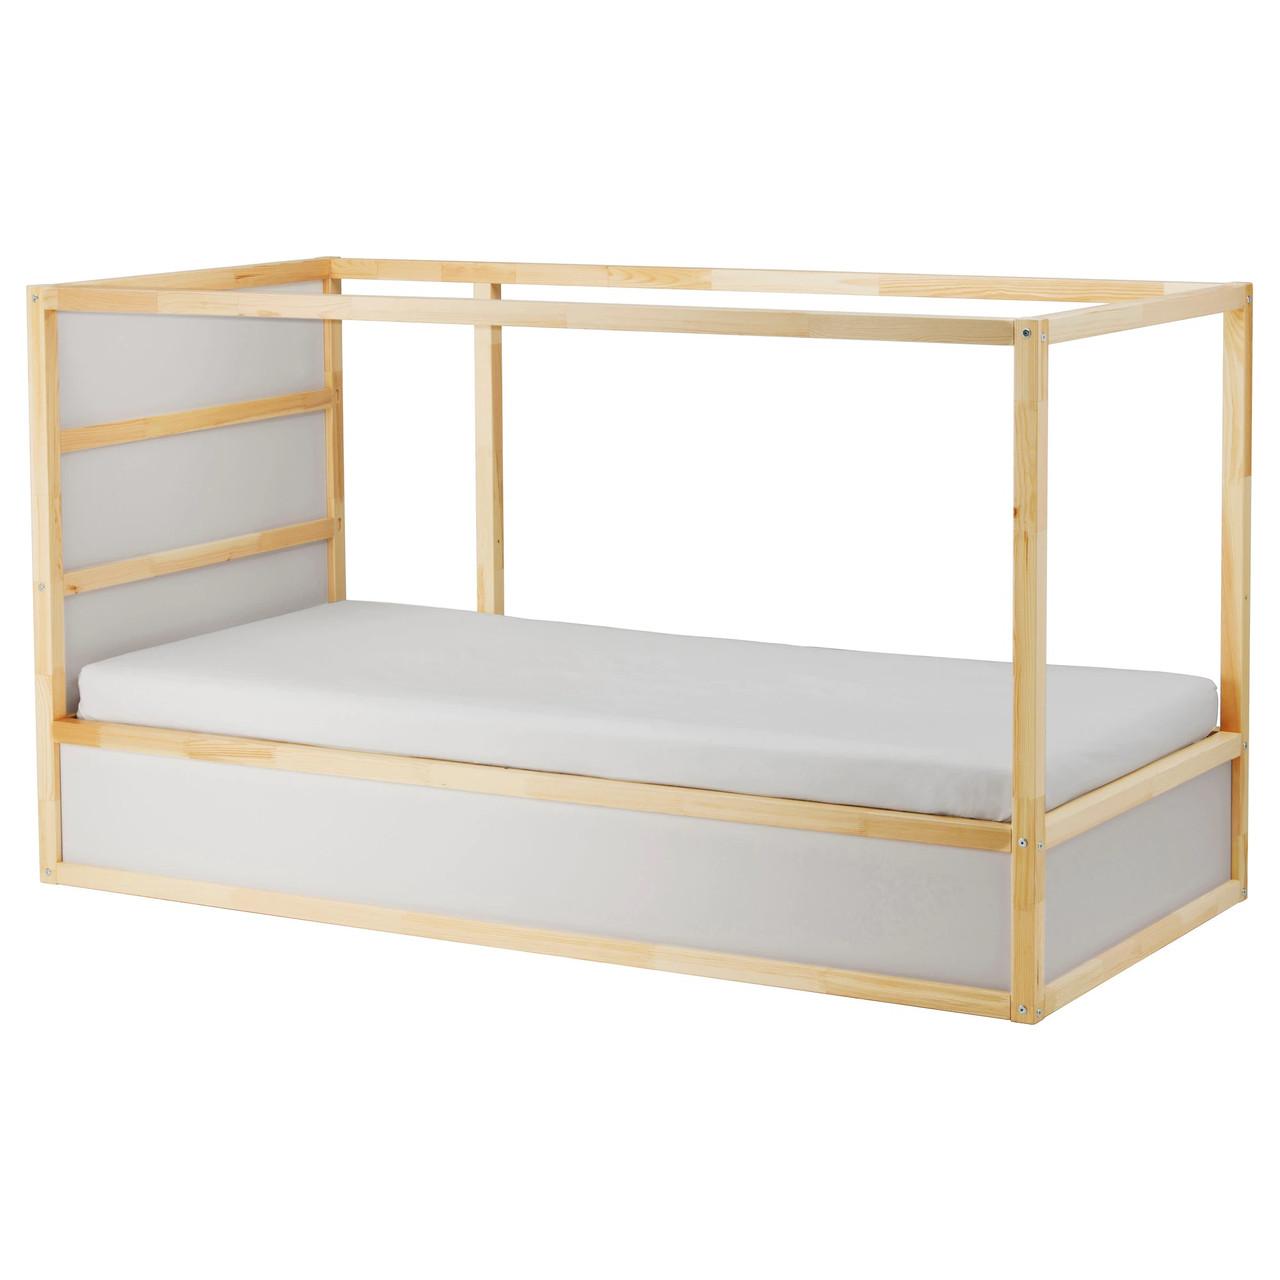 Ліжко двостороннє 90x200 см KURA